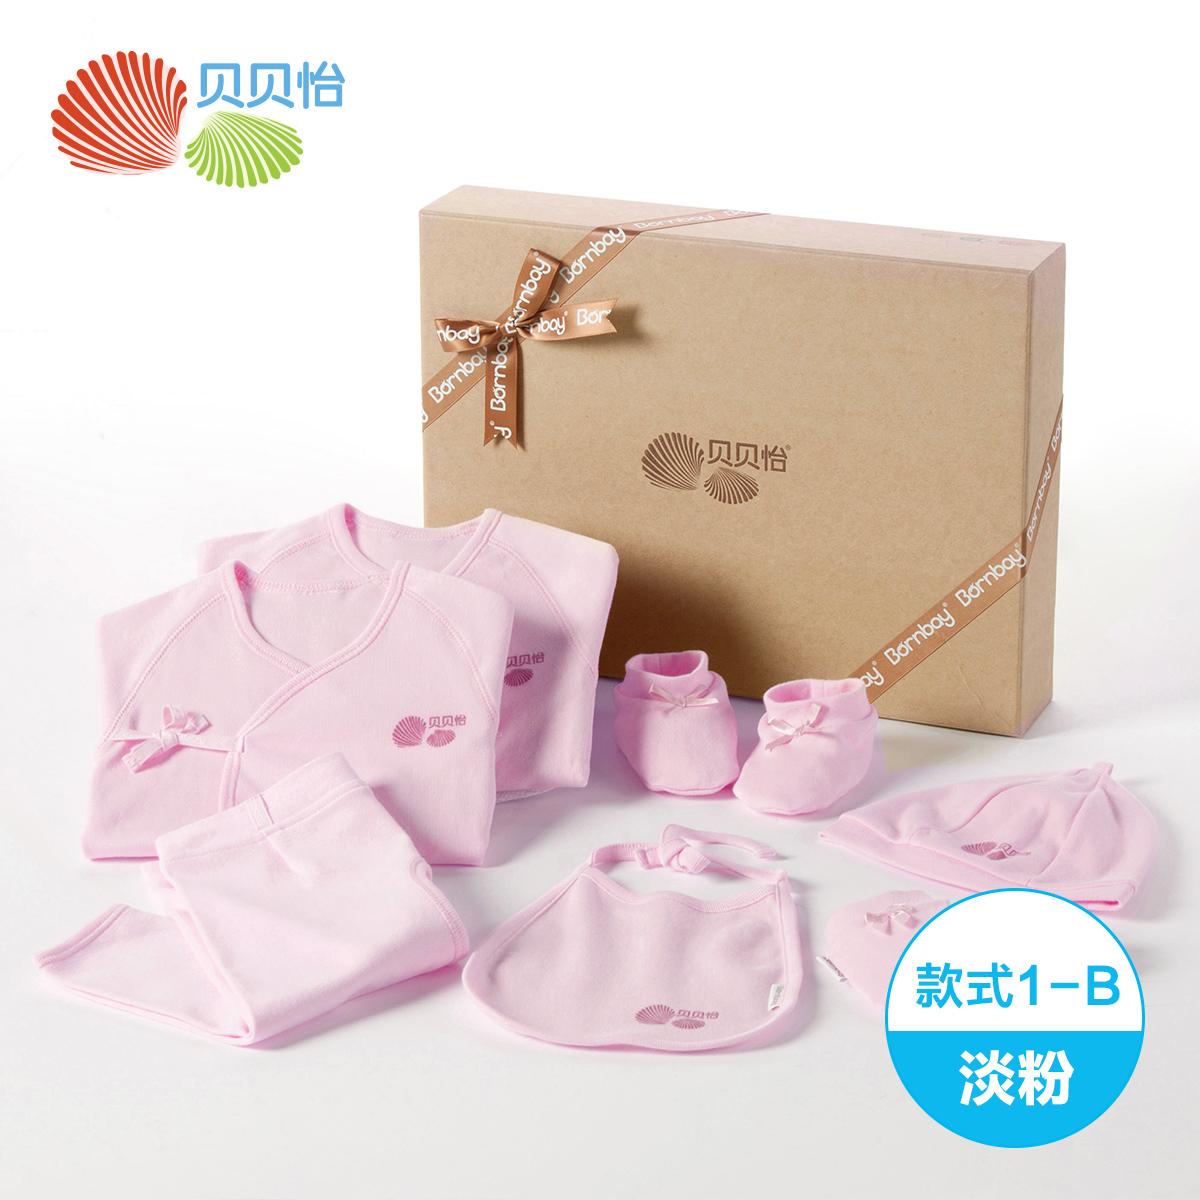 贝贝怡婴儿礼盒套装7件 纯棉新生儿衣服 宝宝满月礼百日礼